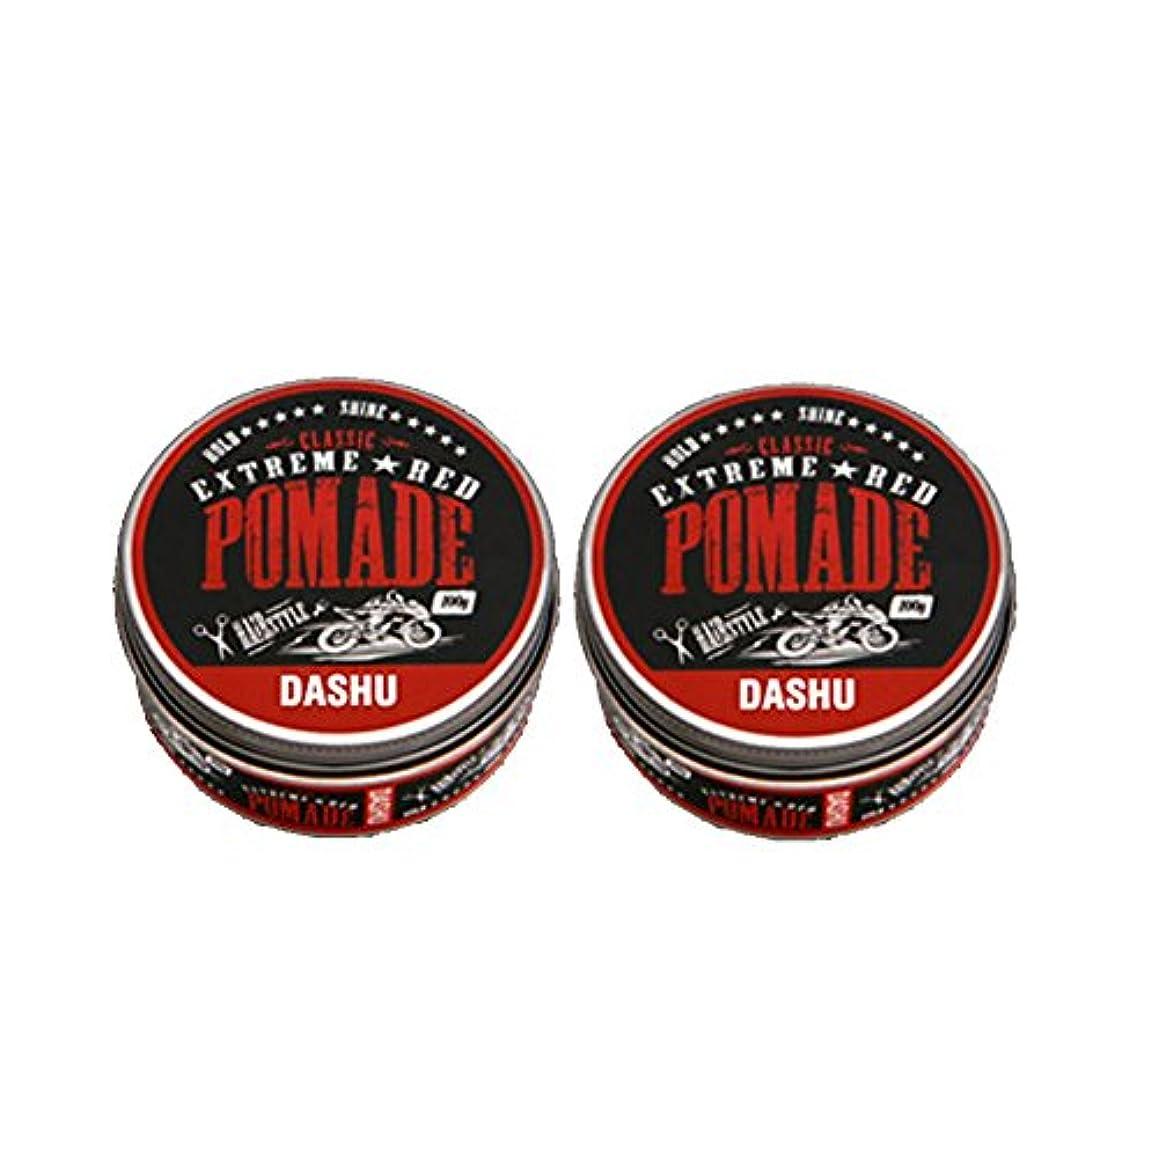 投げる汚物くすぐったい(2個セット) x [DASHU] ダシュ クラシックエクストリームレッドポマード Classic Extreme Red Pomade Hair Wax 100ml / 韓国製 . 韓国直送品